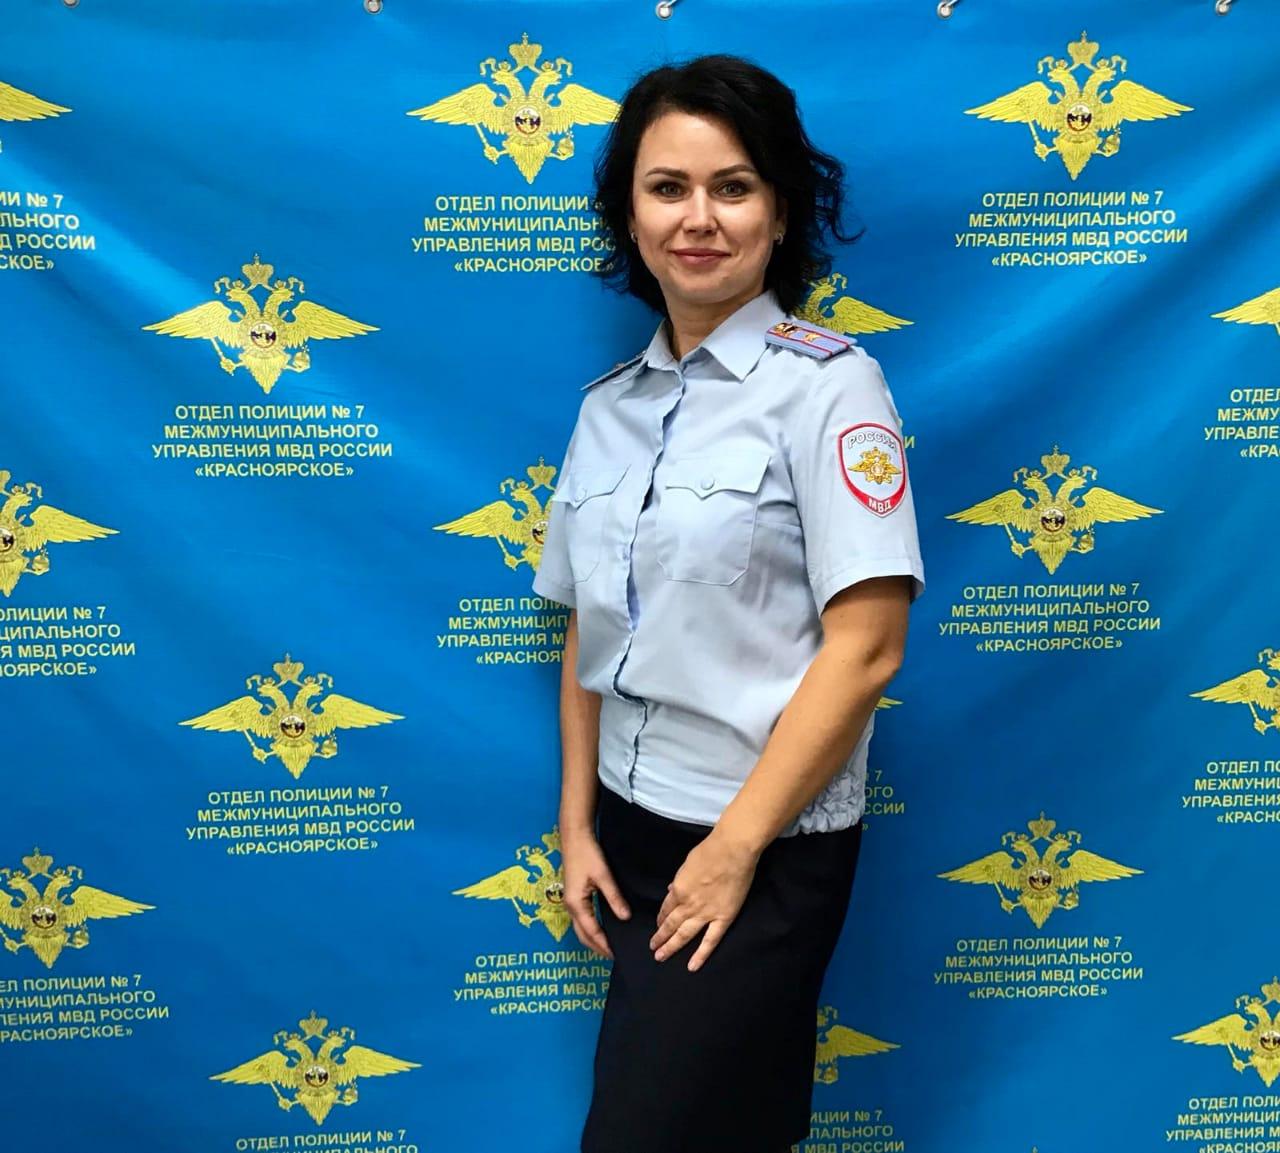 Работа в полиции красноярска для девушек вебкам работа для мужчин спб